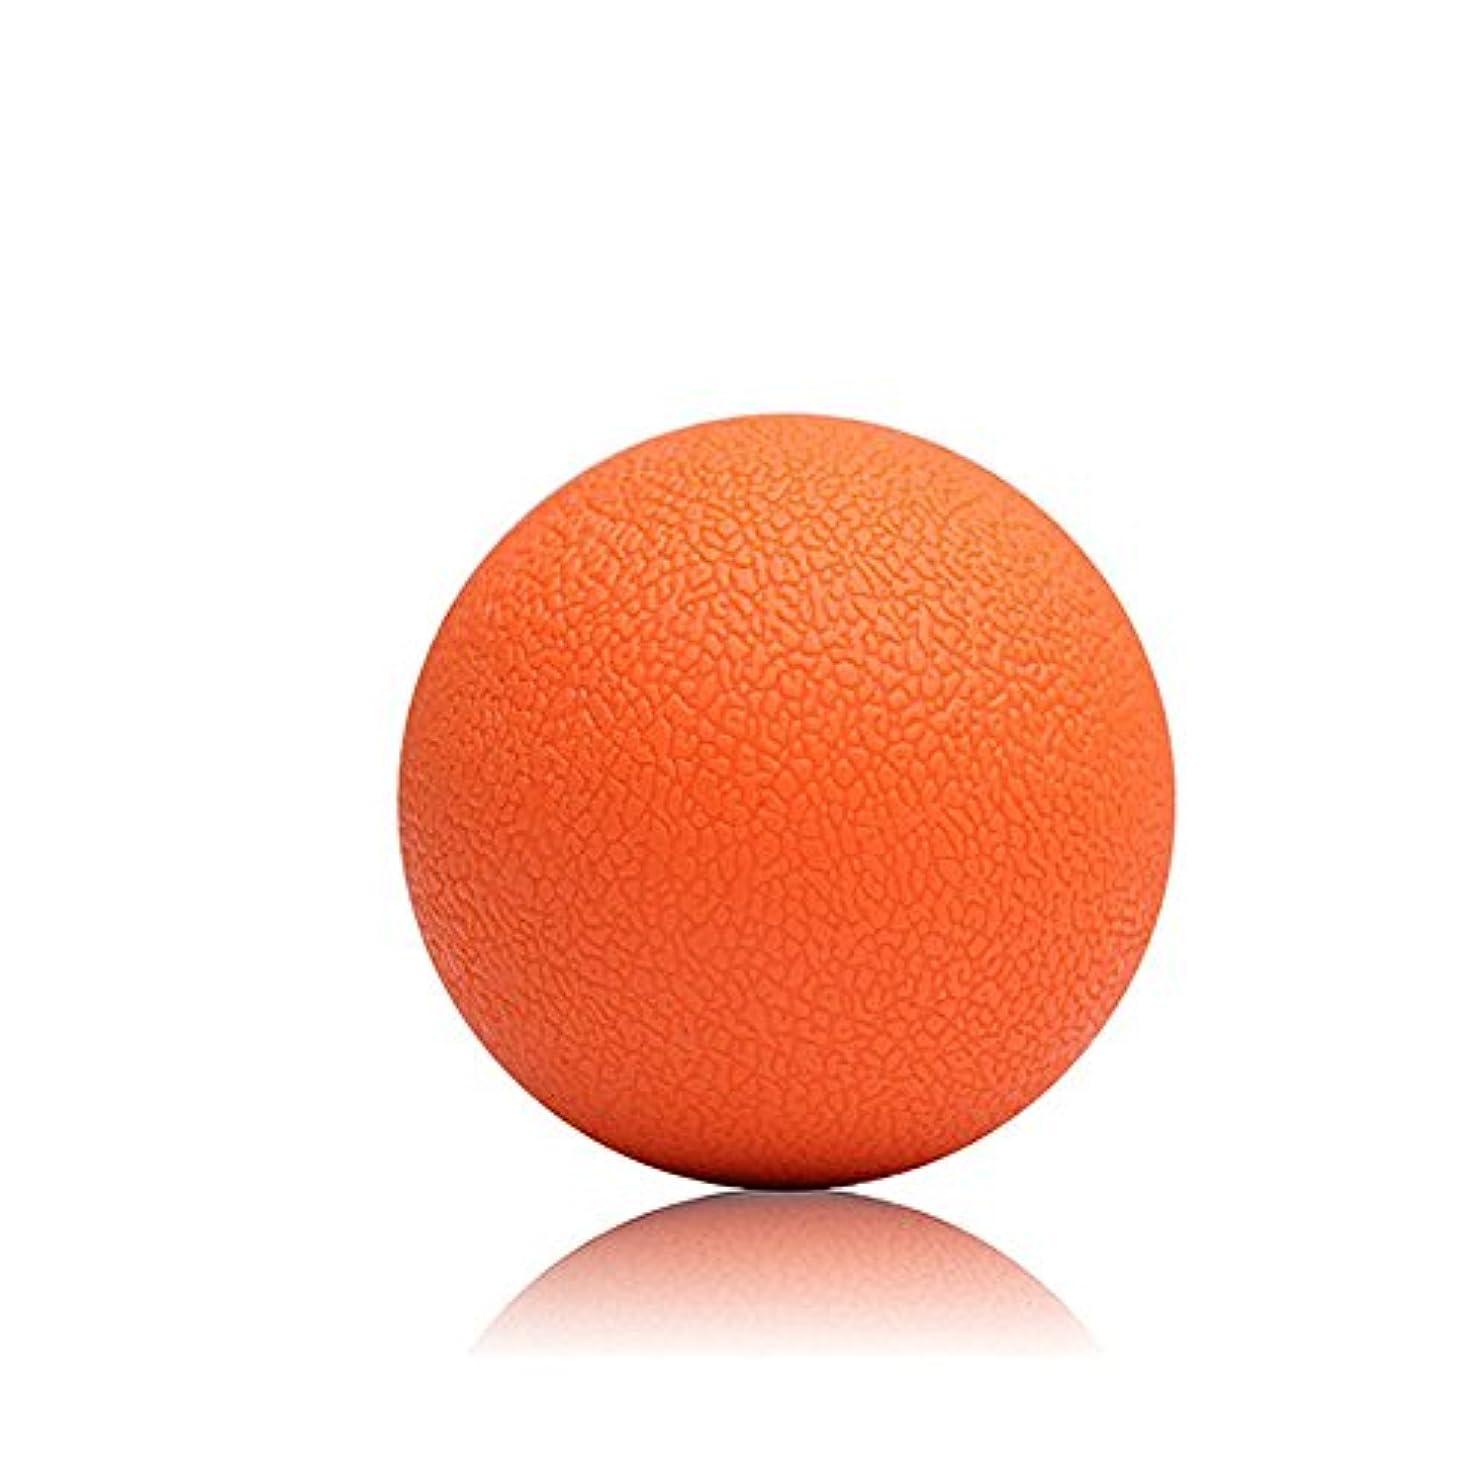 高価なバングスキャンマッサージボール 筋膜リリース 指圧ボール 足裏 ふくらはぎ ツボ押しグッズ 健康グッズ